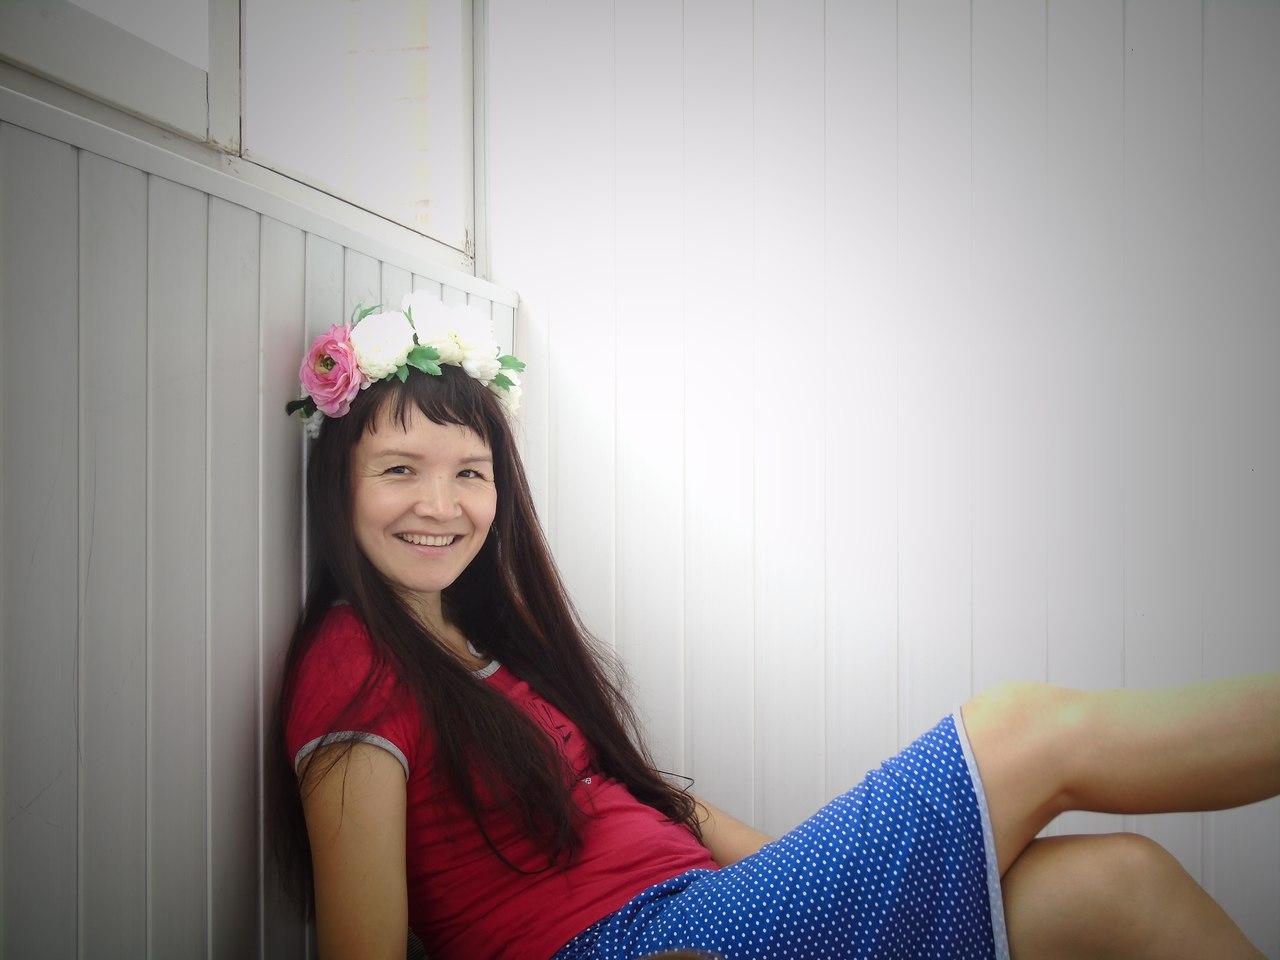 Гульнара Муллагареева, Уфа - фото №3